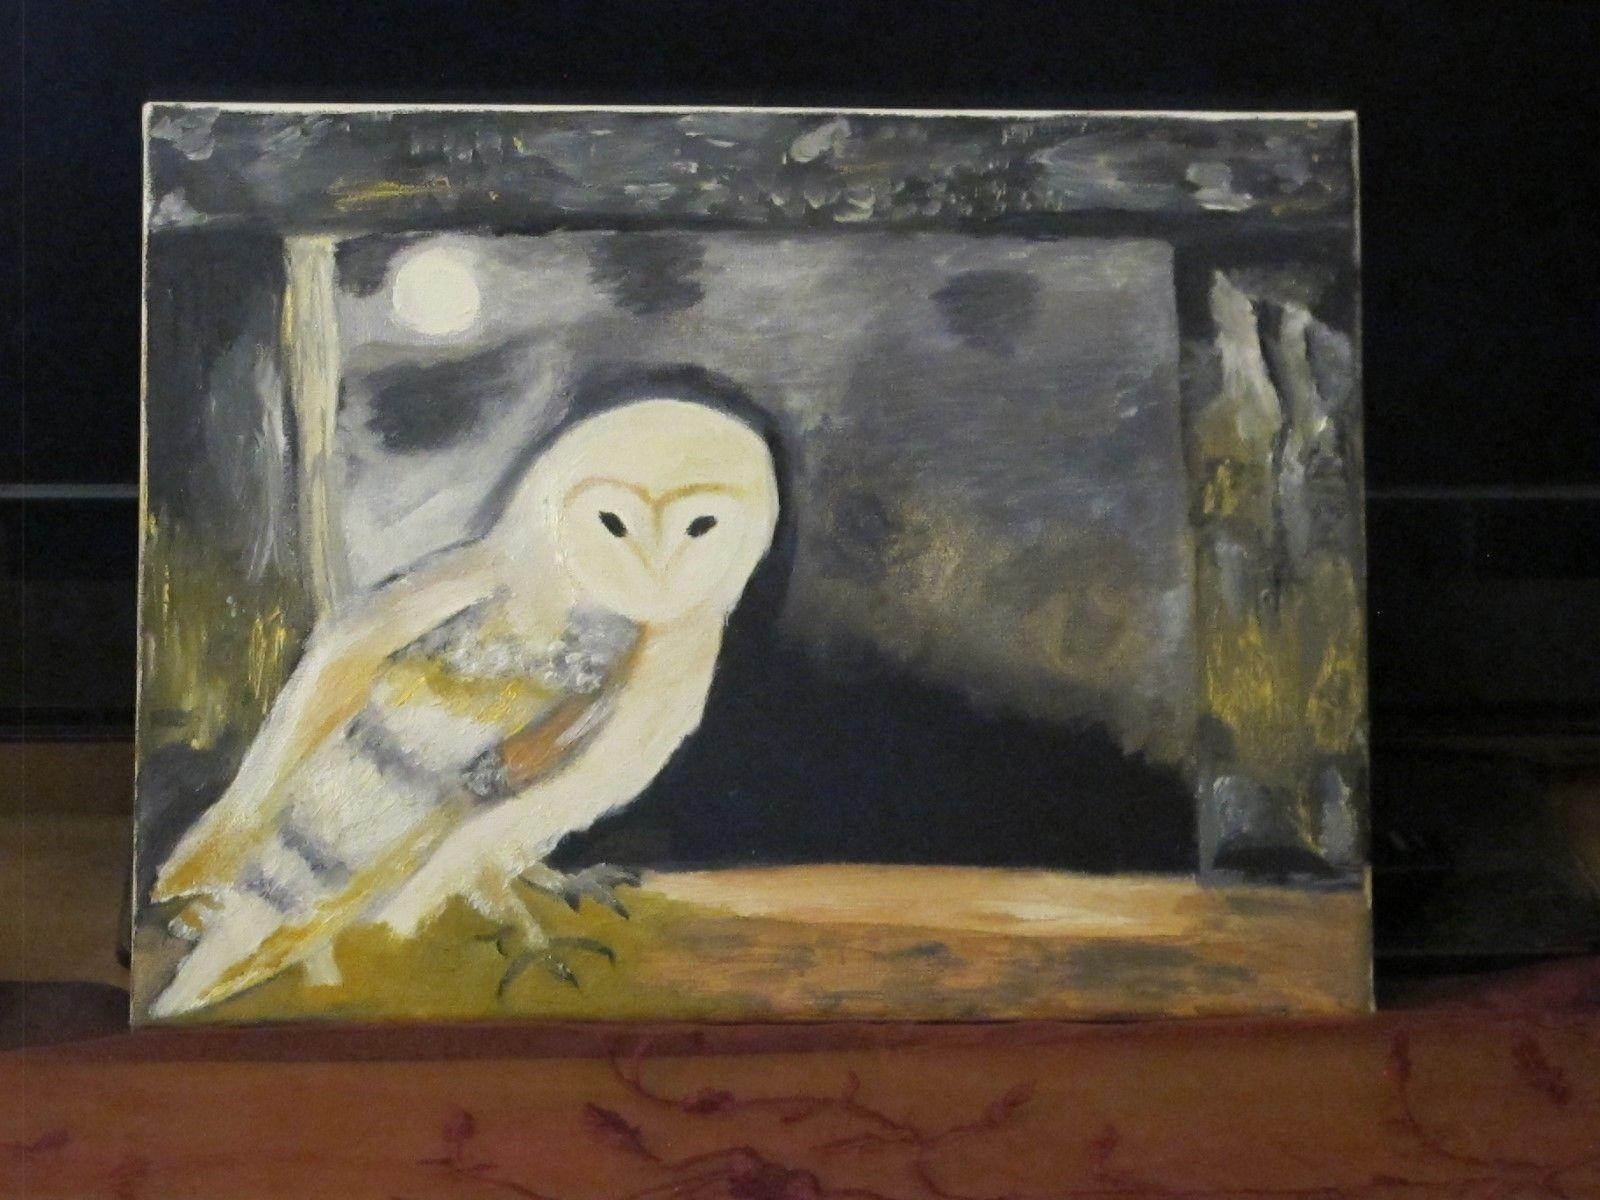 Malerei Kunst Eule am Fenster Acrylfarbe Winternacht   Elegant Und Würdevoll